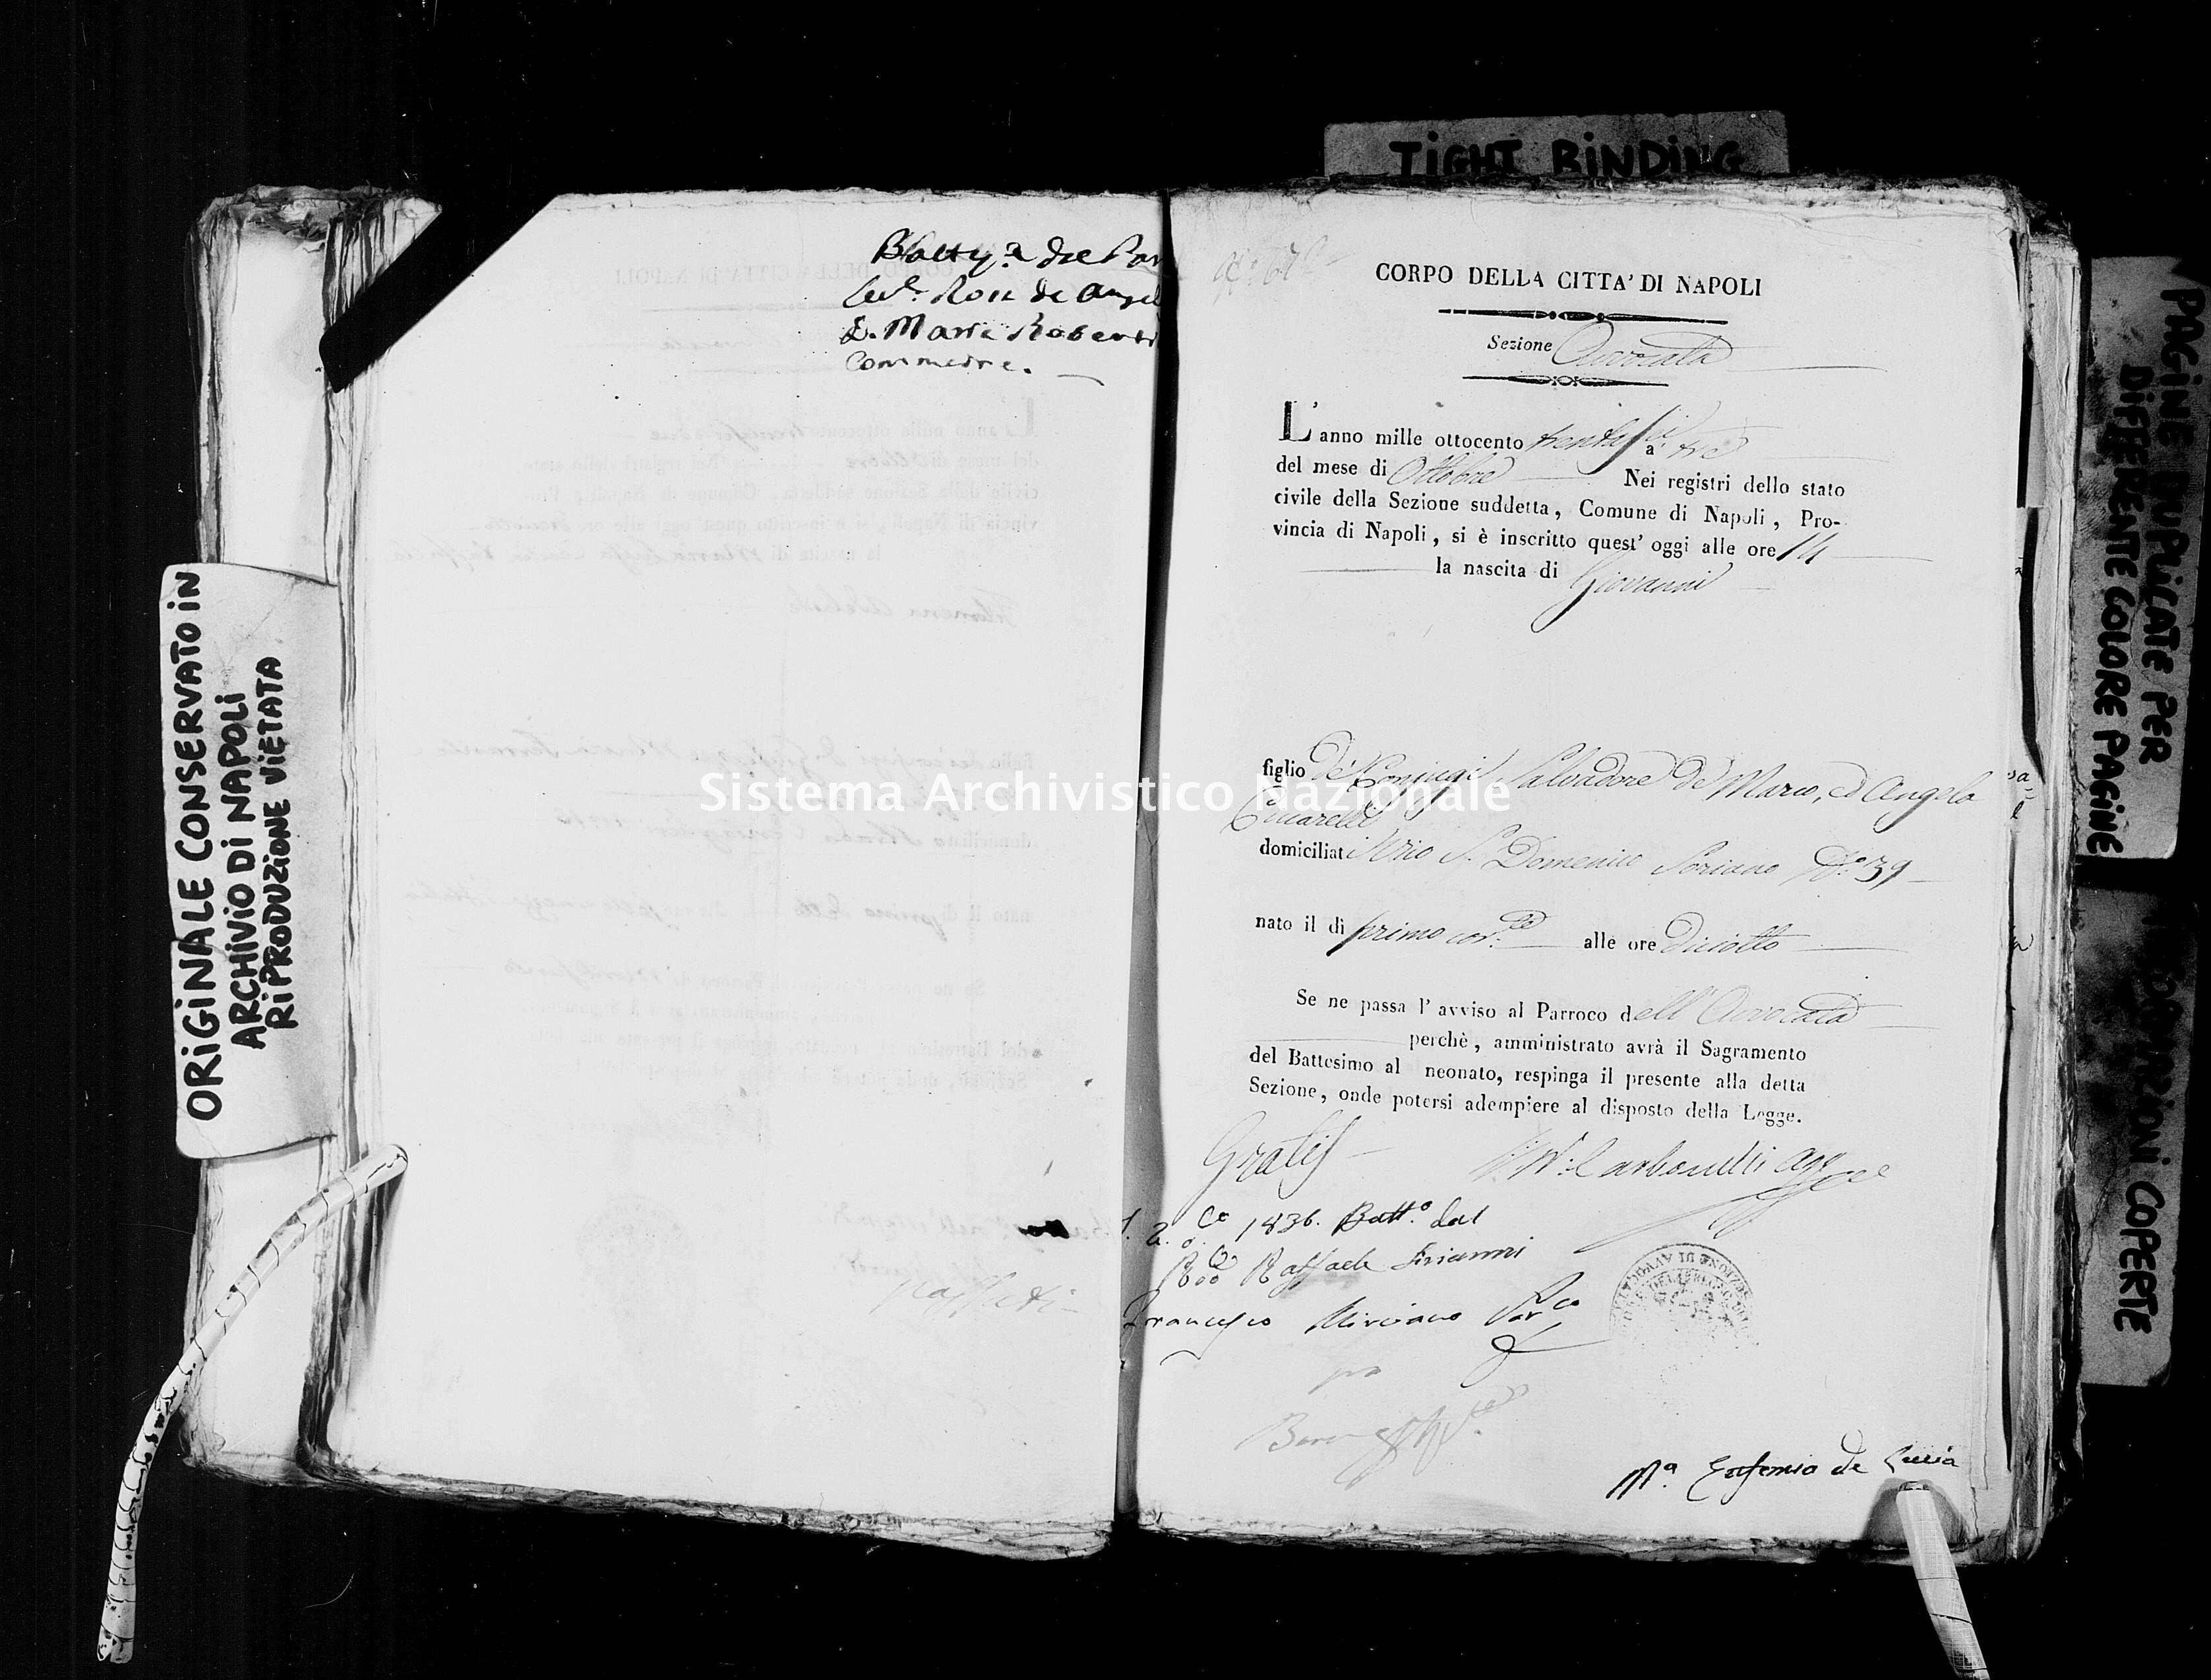 Archivio di stato di Napoli - Stato civile della restaurazione - Avvocata - Nati, battesimi - 03/10/1836-31/12/1836 -